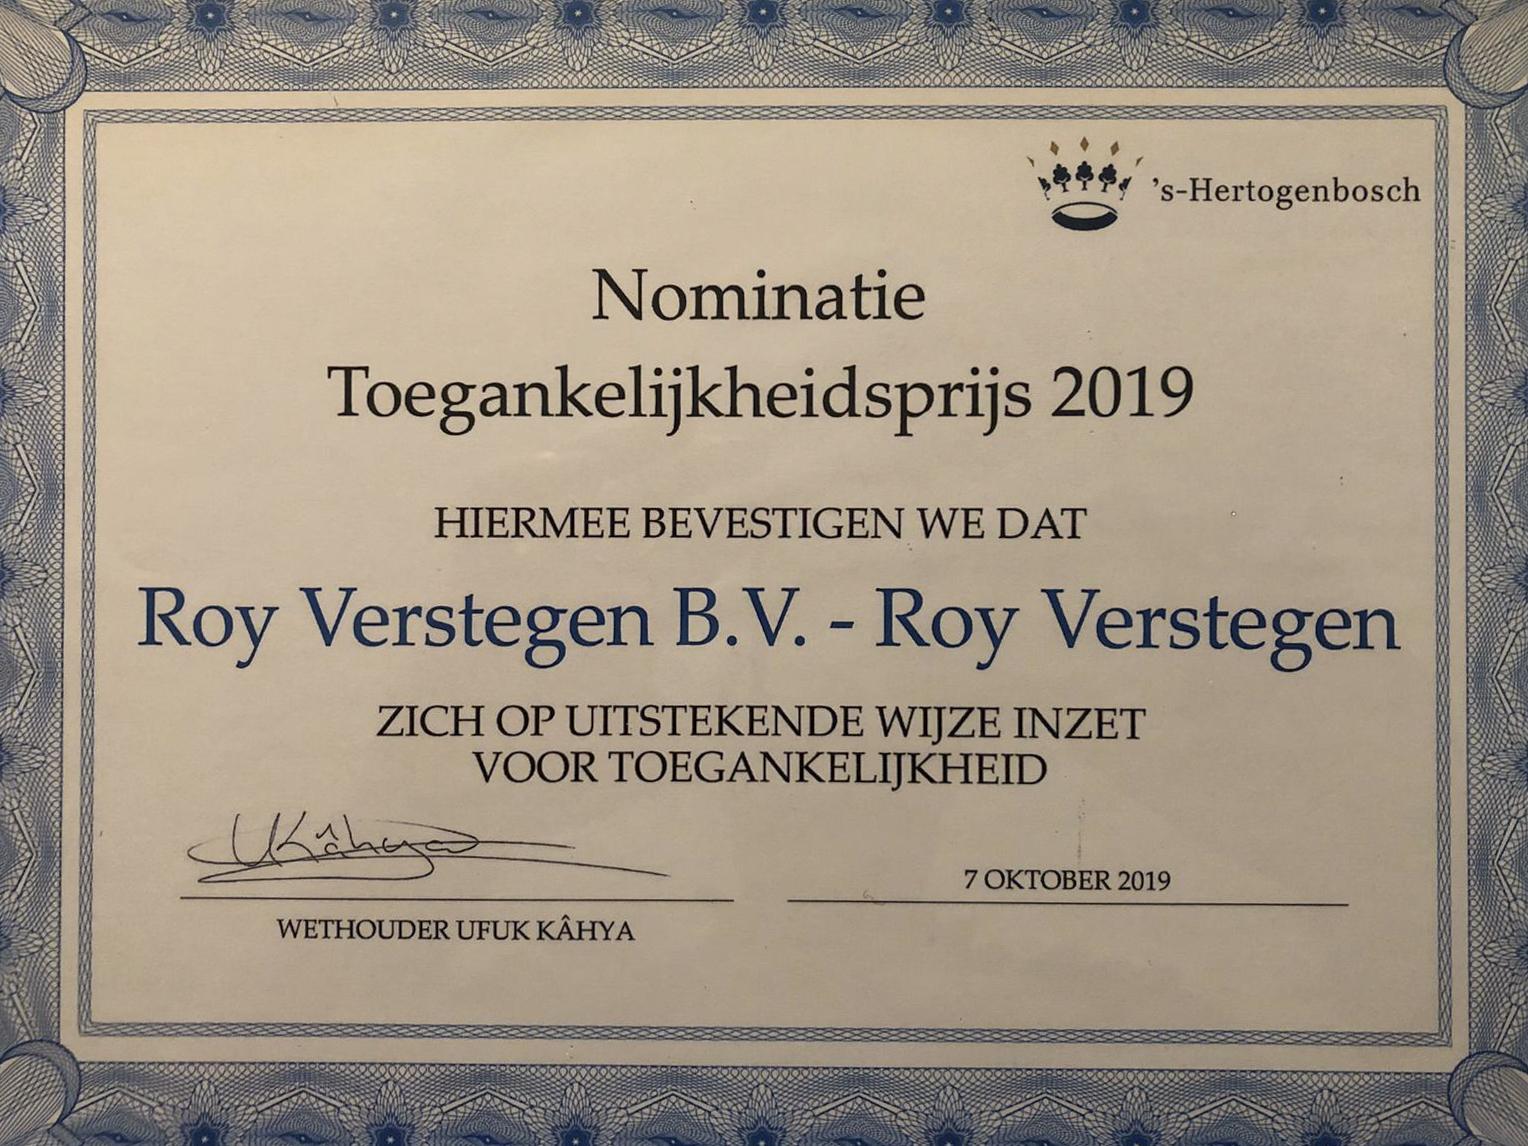 Nominatie toegankelijkheidsprijs 2019 's-Hertogenbosch